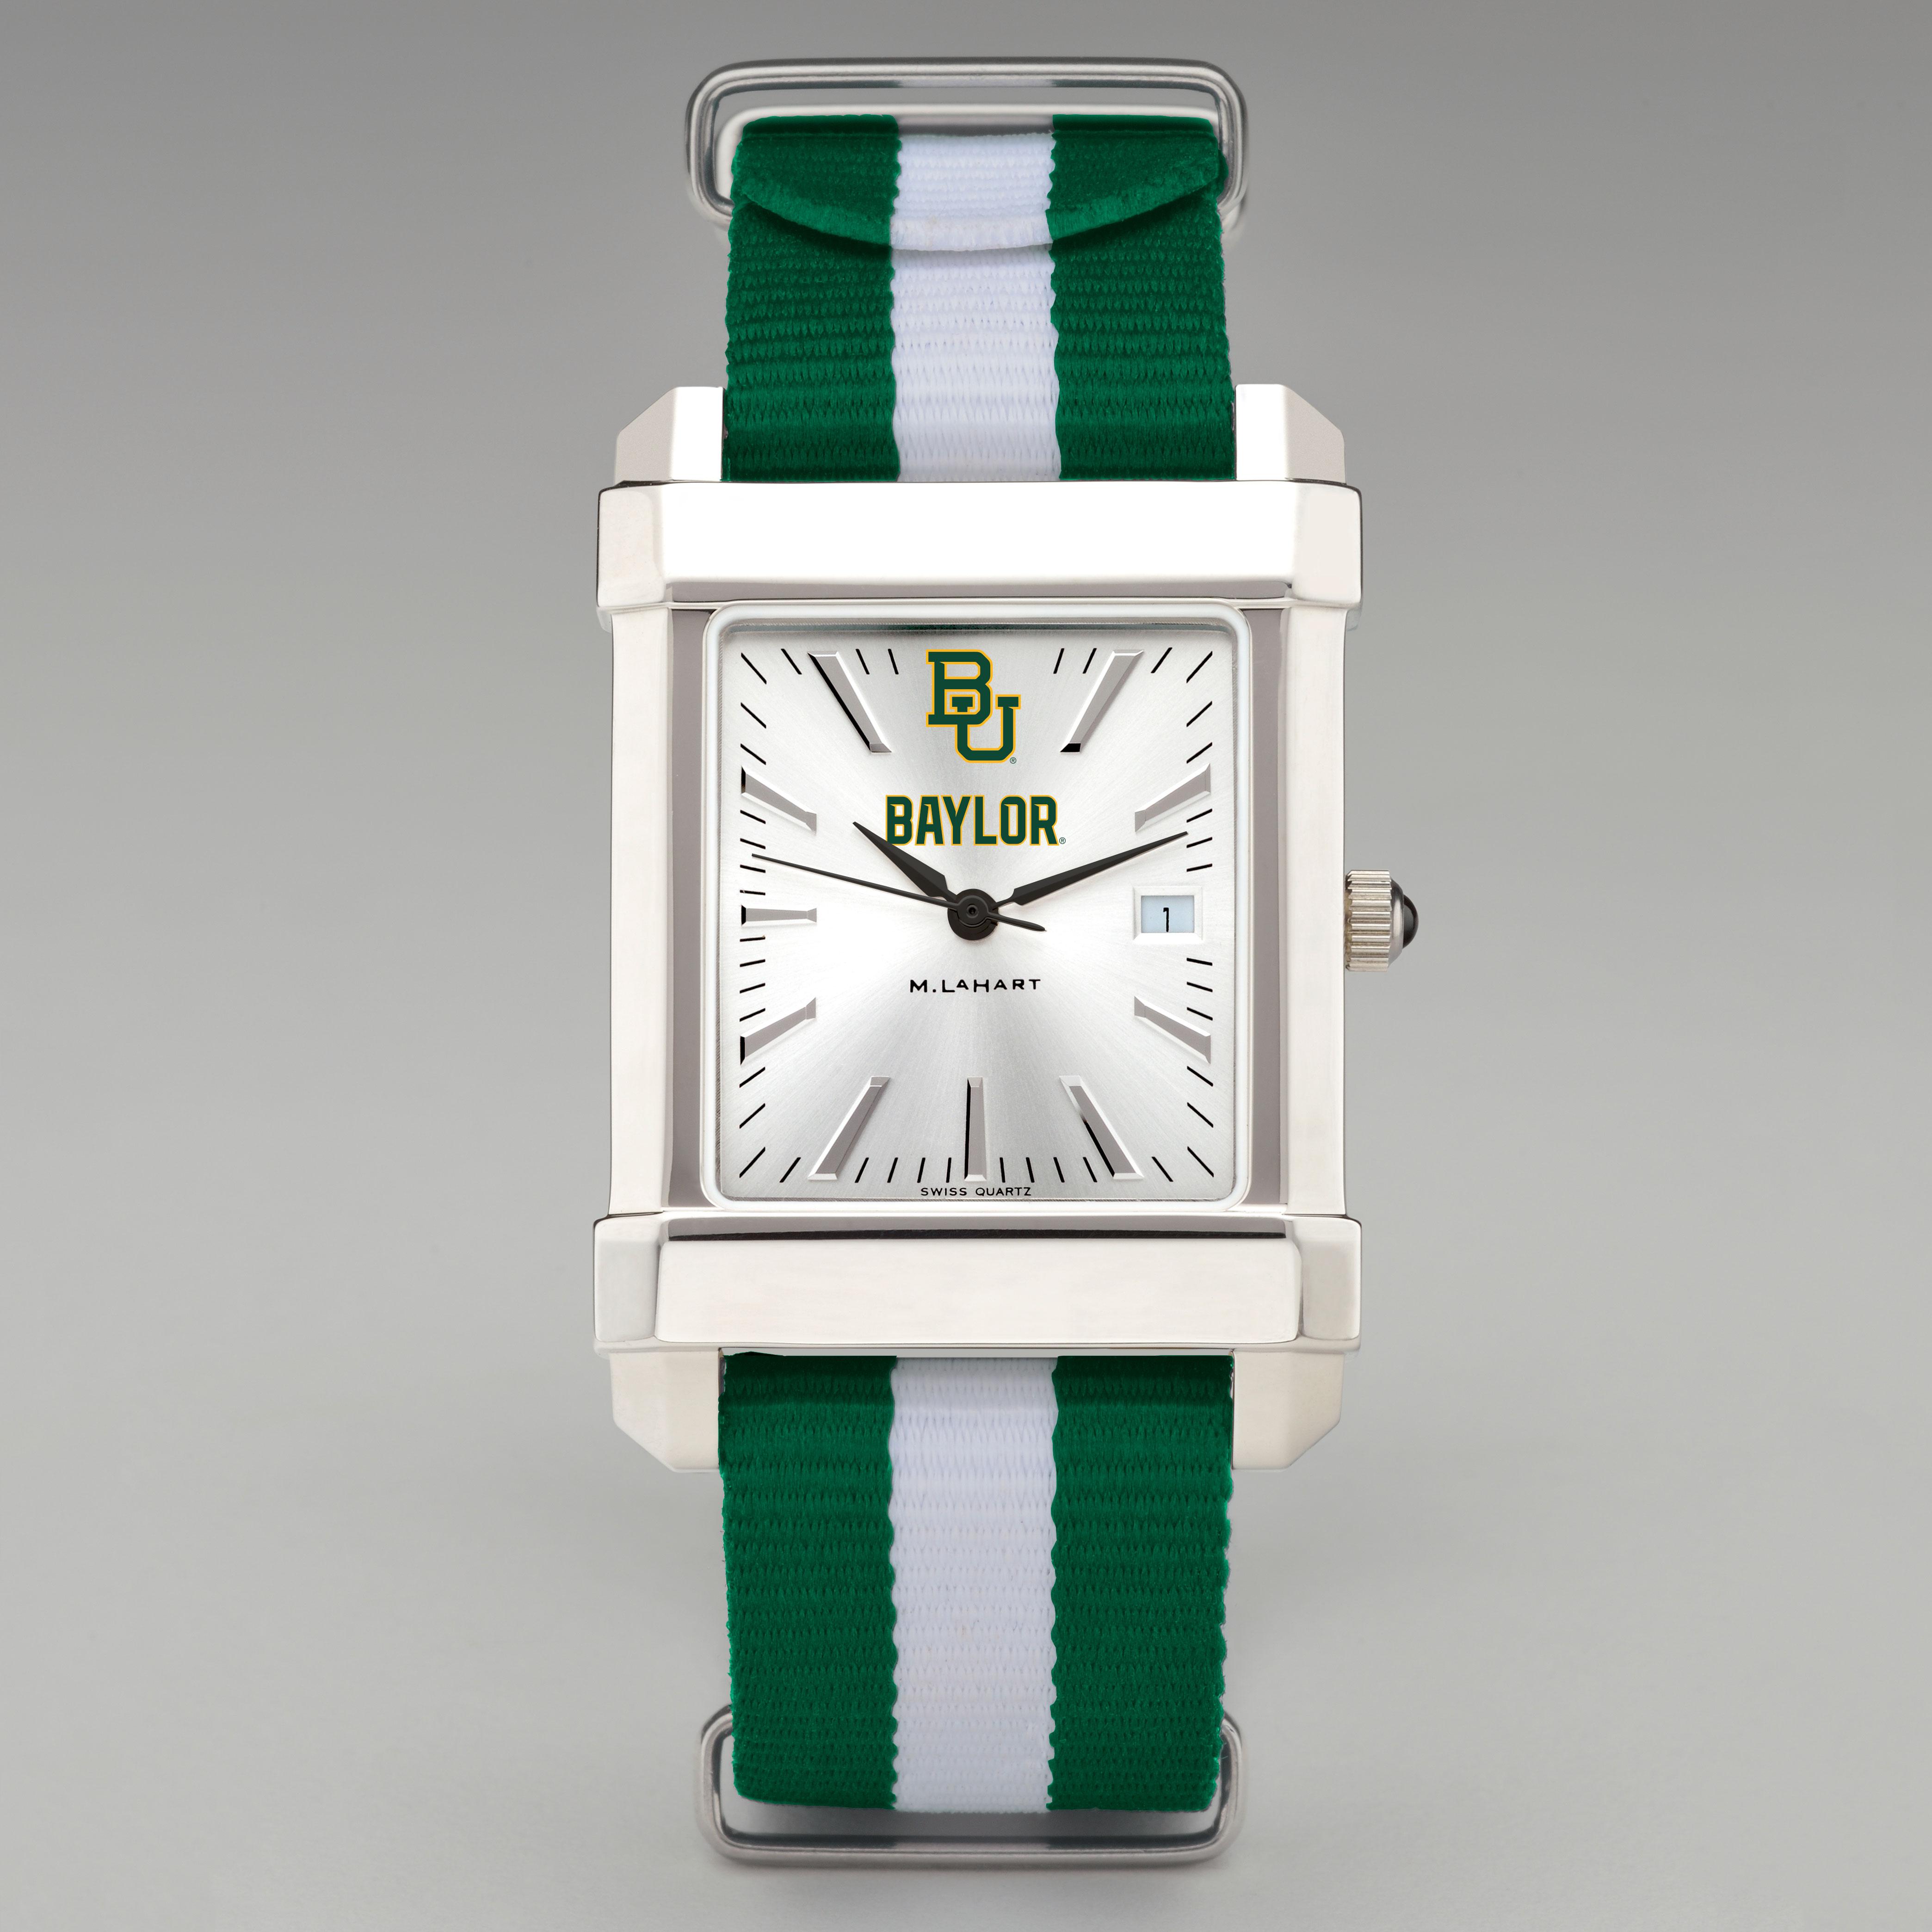 Baylor Men's Collegiate Watch w/ NATO Strap